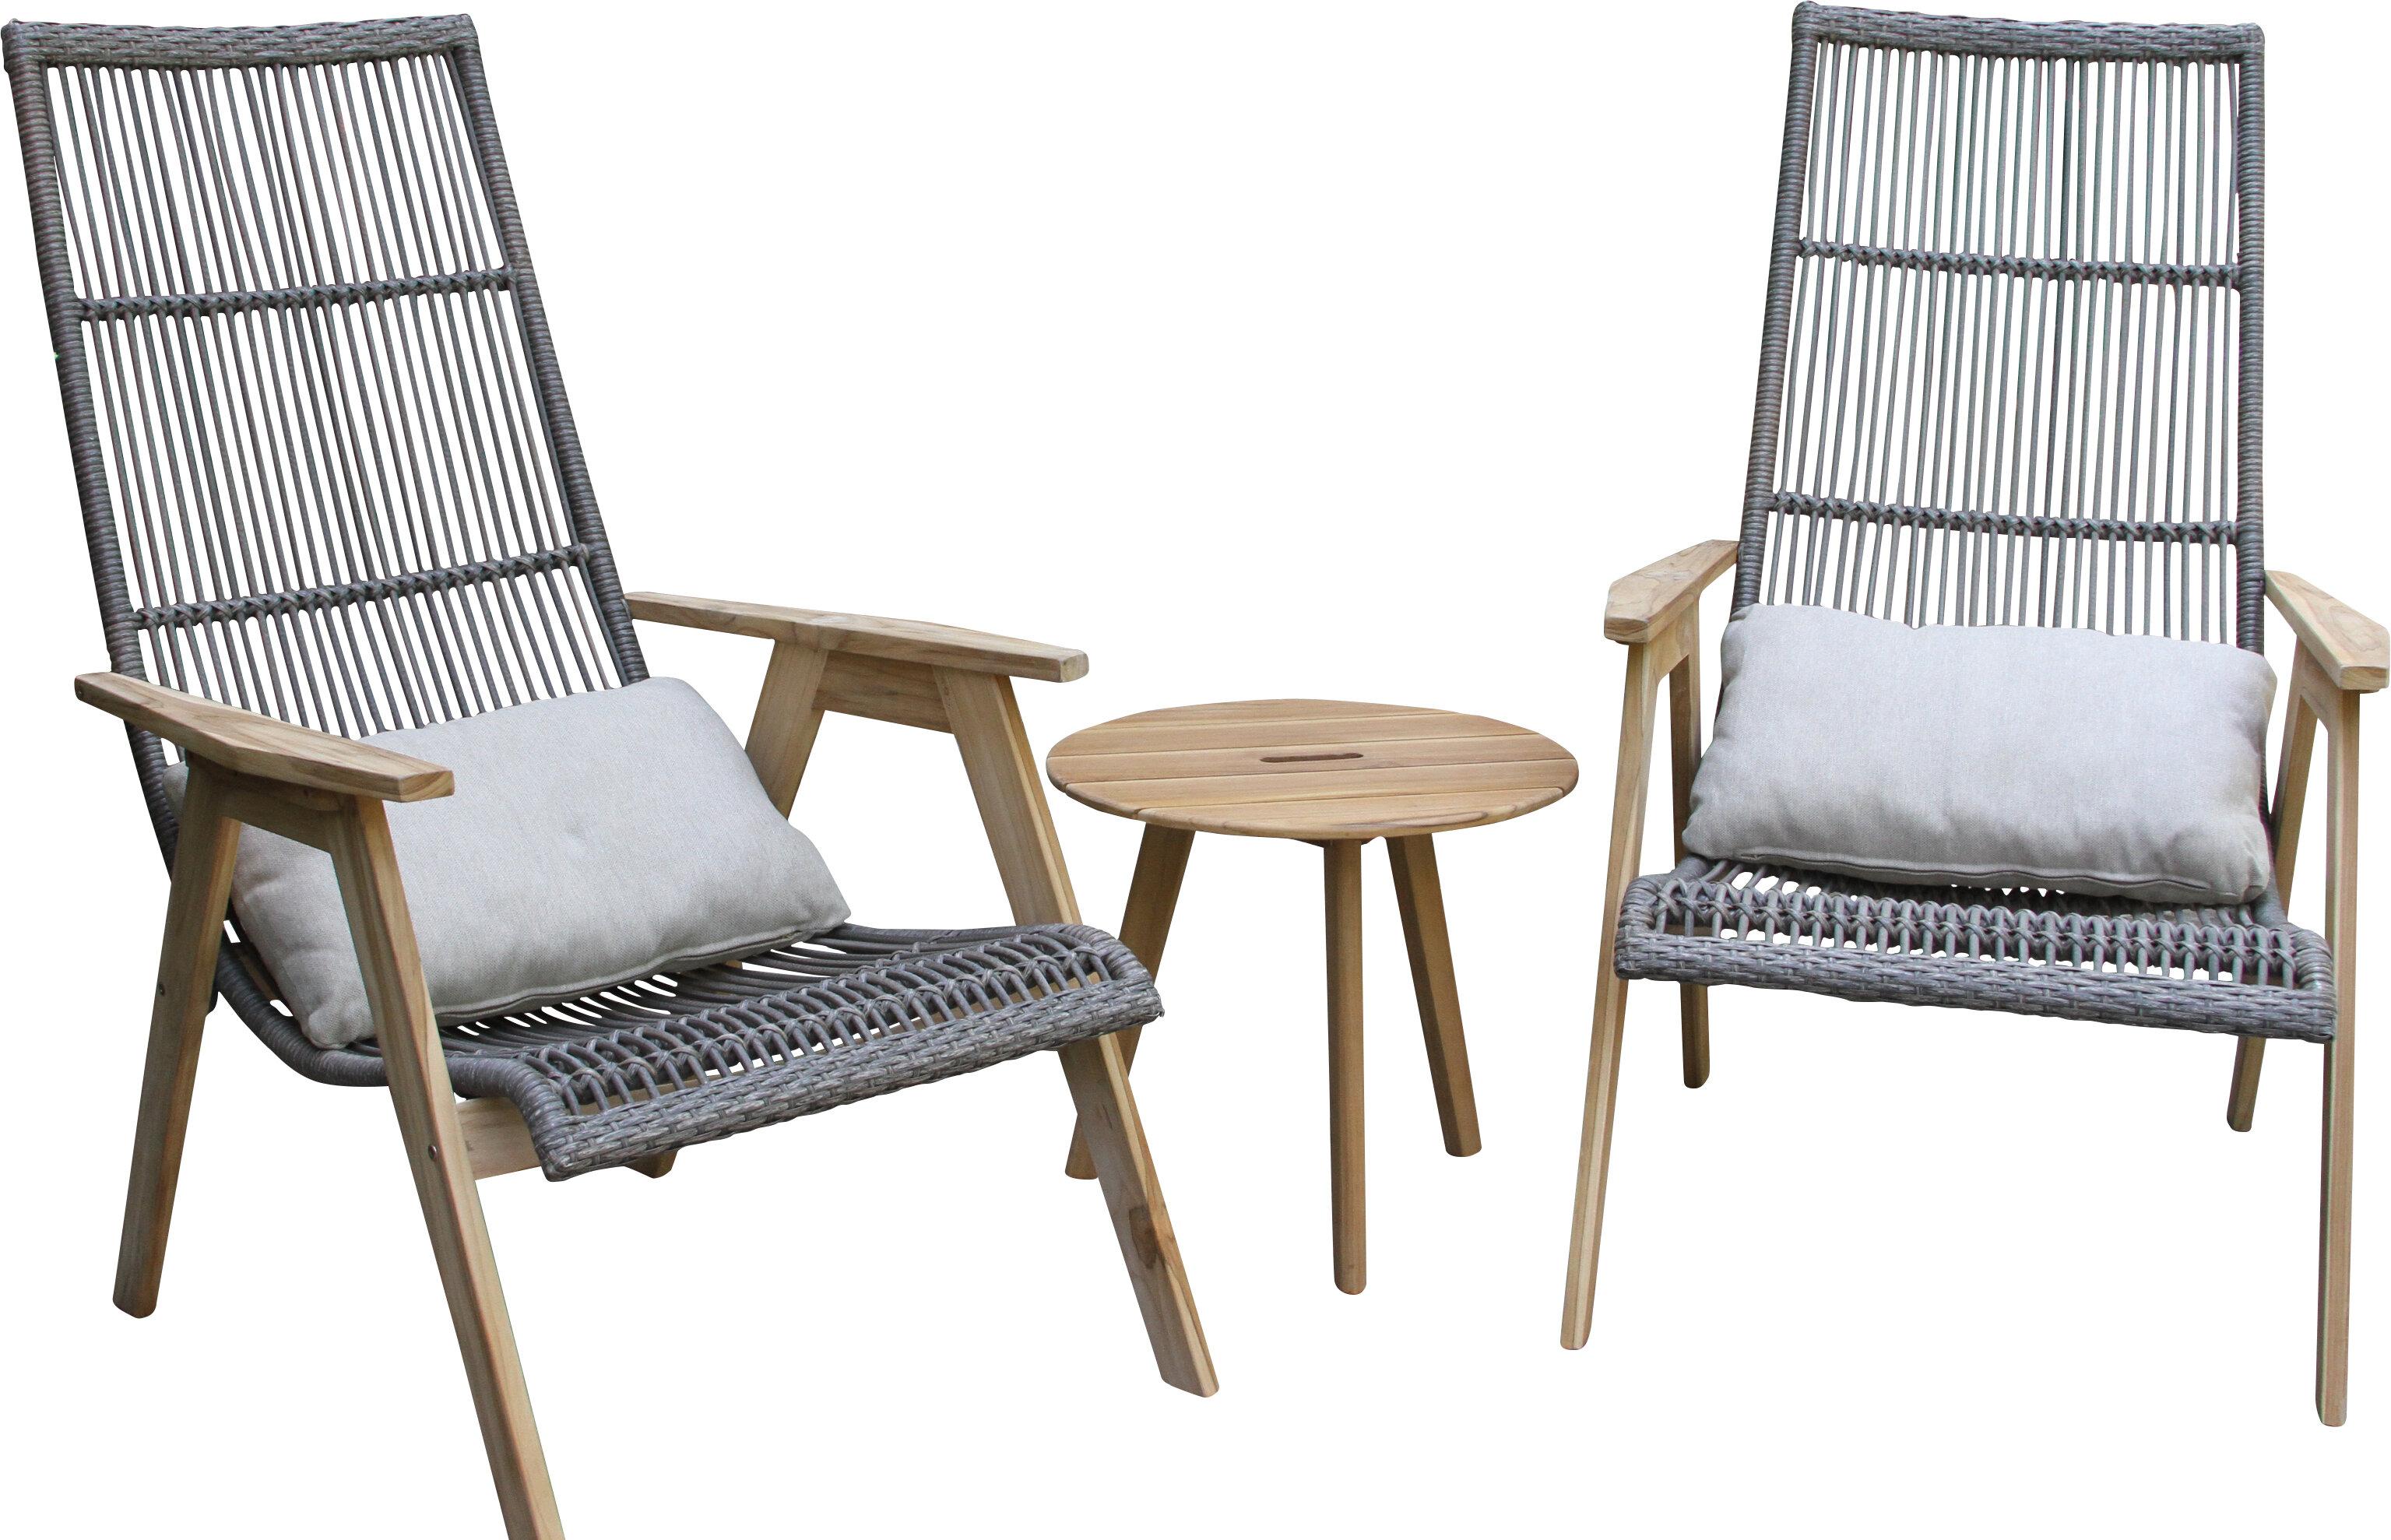 Mistana nt Teak Patio Chair with Cushions W L6847 K A refid=FBCF81 ACTDPA&mktvid=FB&mktcid= &mktstrid= &mktcrid= &fbclid=IwAR3n6470MEjBt WA4kCf 6jcQRjPL8BLmdDX 0moW95azE 0Csz JxRkQ3k